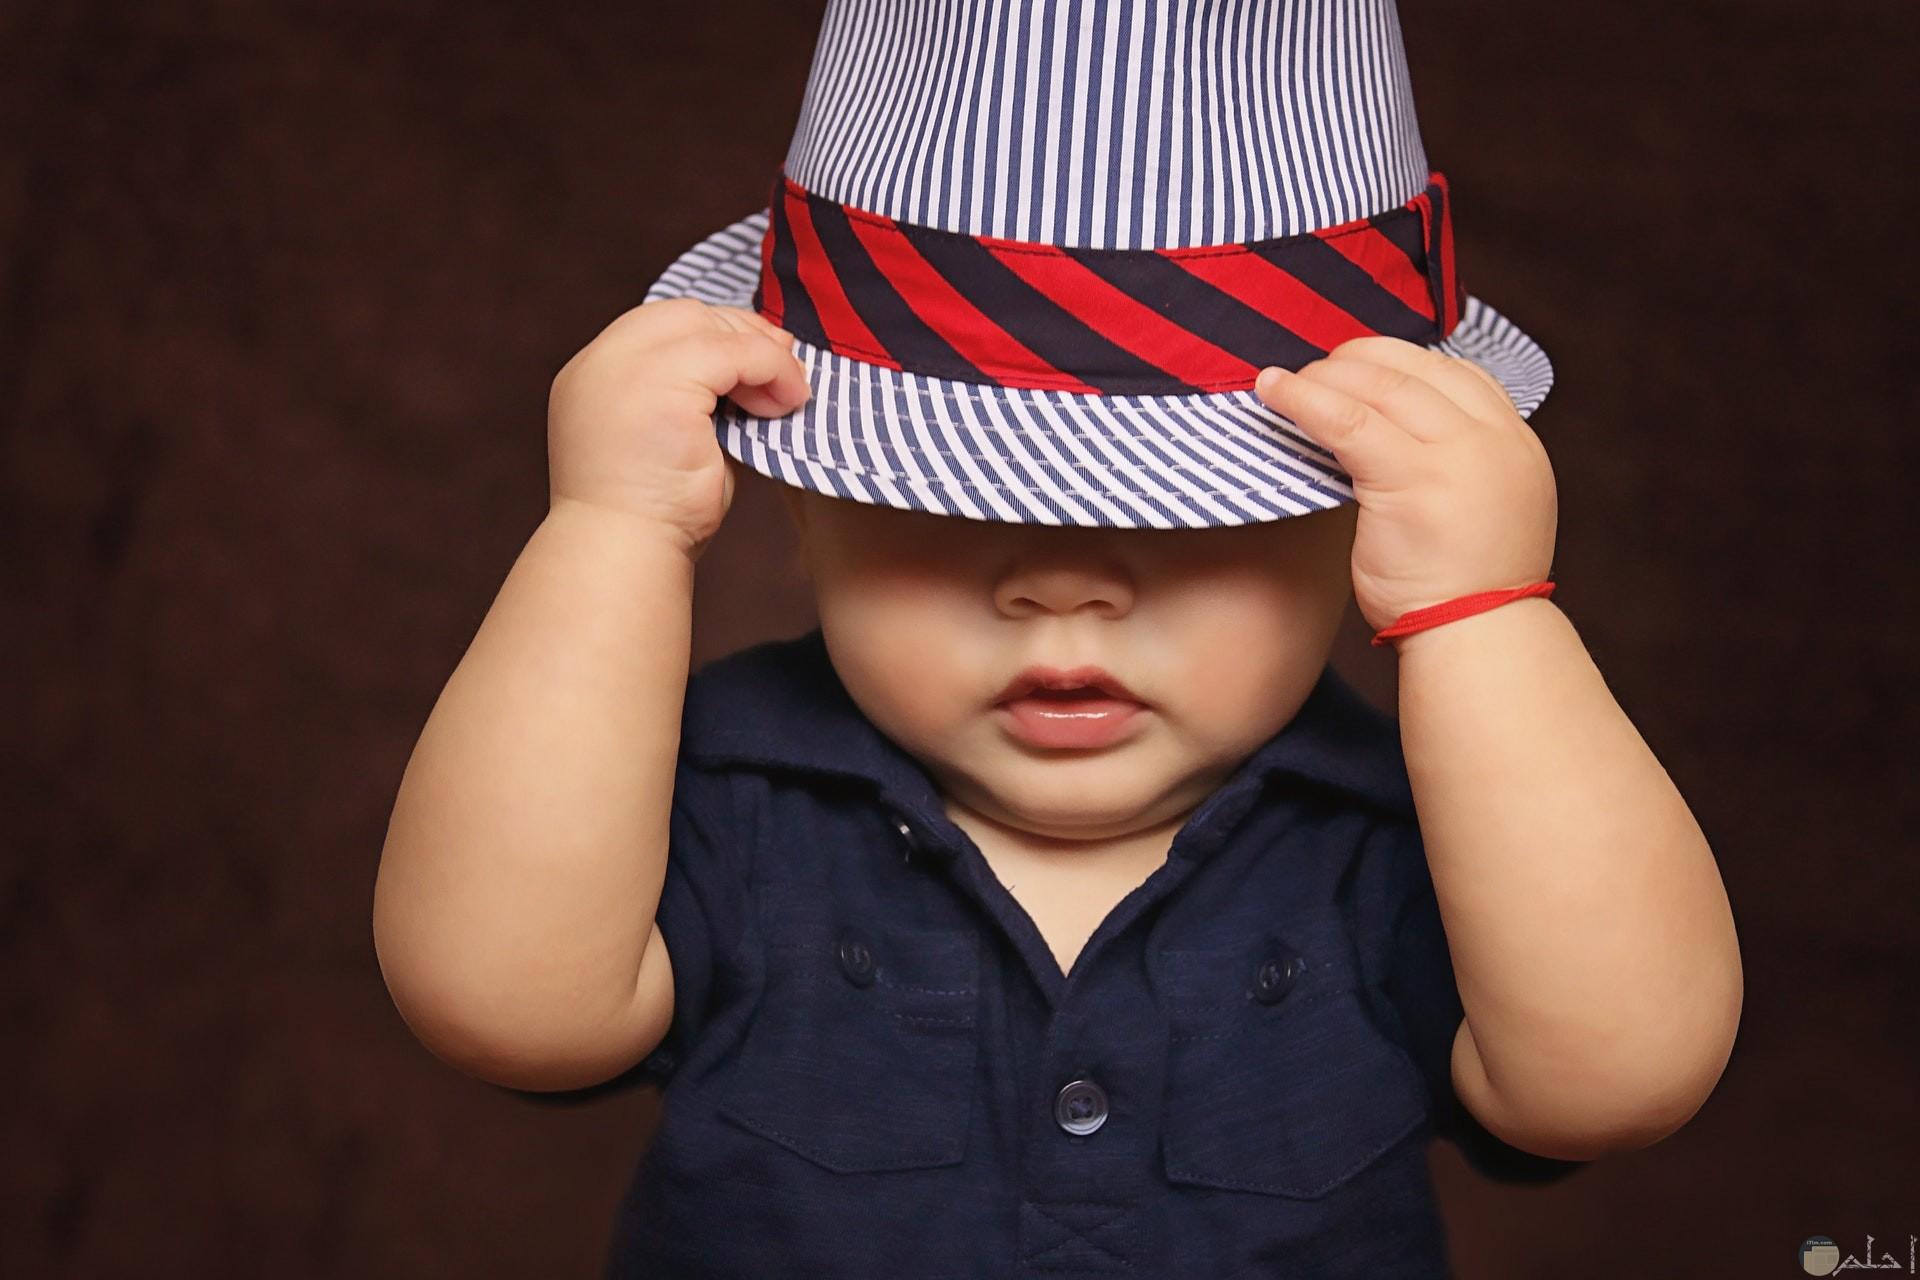 صورة رومانسية لطفل صغير يرتدي قبعة علي رأسه من الخجل